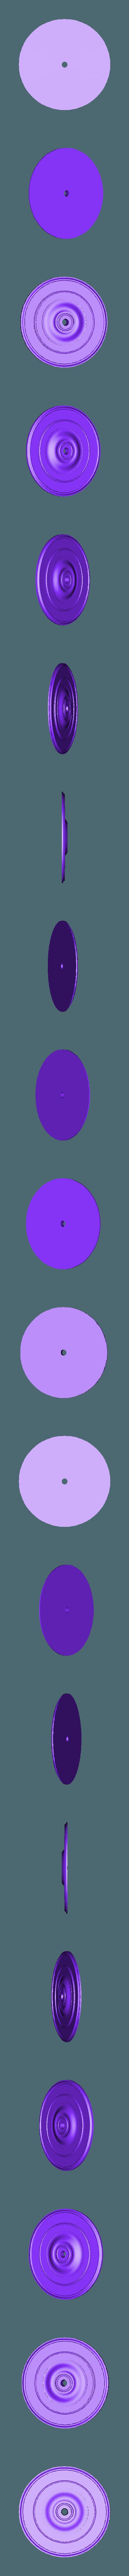 97.obj Télécharger fichier OBJ gratuit Moulures vintage pour vieux appartements classiques cnc art machine à router 3D printed • Modèle à imprimer en 3D, stl3dmodel